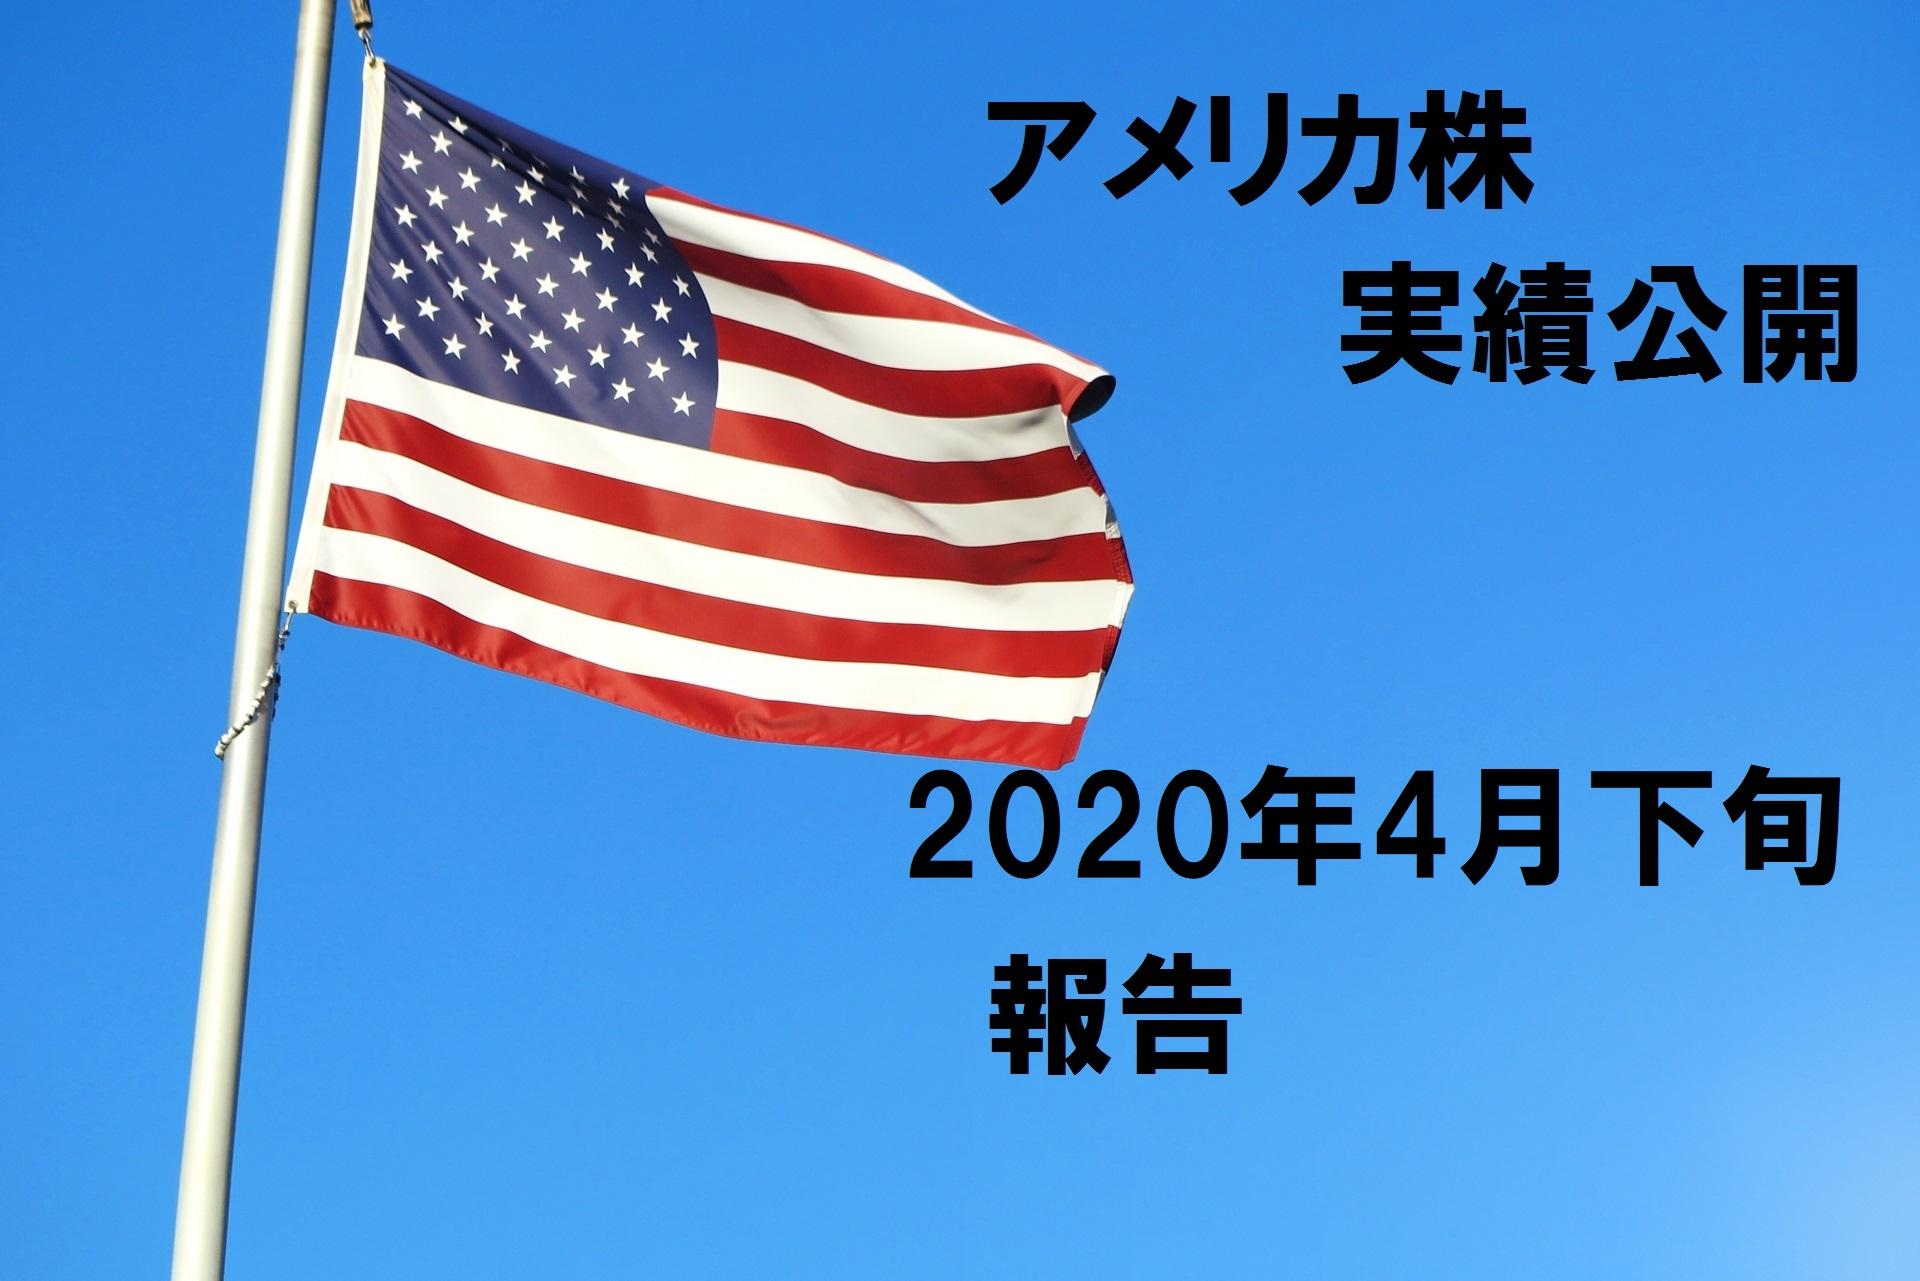 2020年4月下旬時点でのアメリカ株実績報告(海外は自粛解除が目前?アメリカ編)